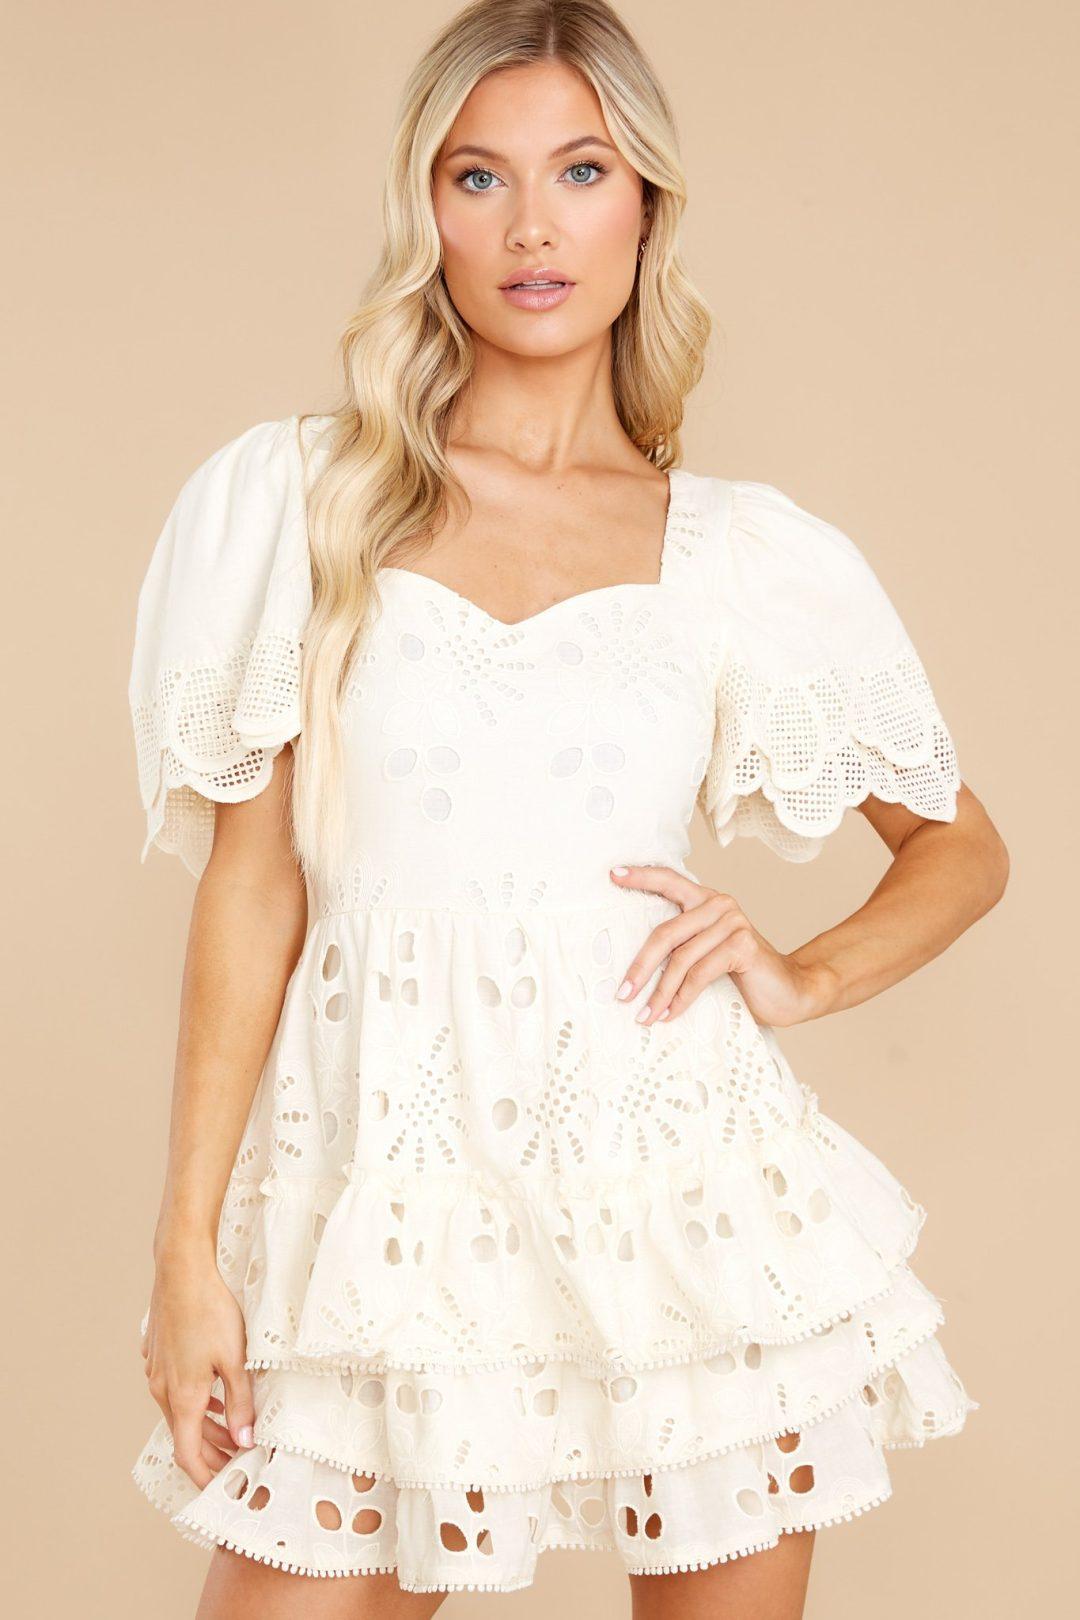 White eyelet mini dress with lace